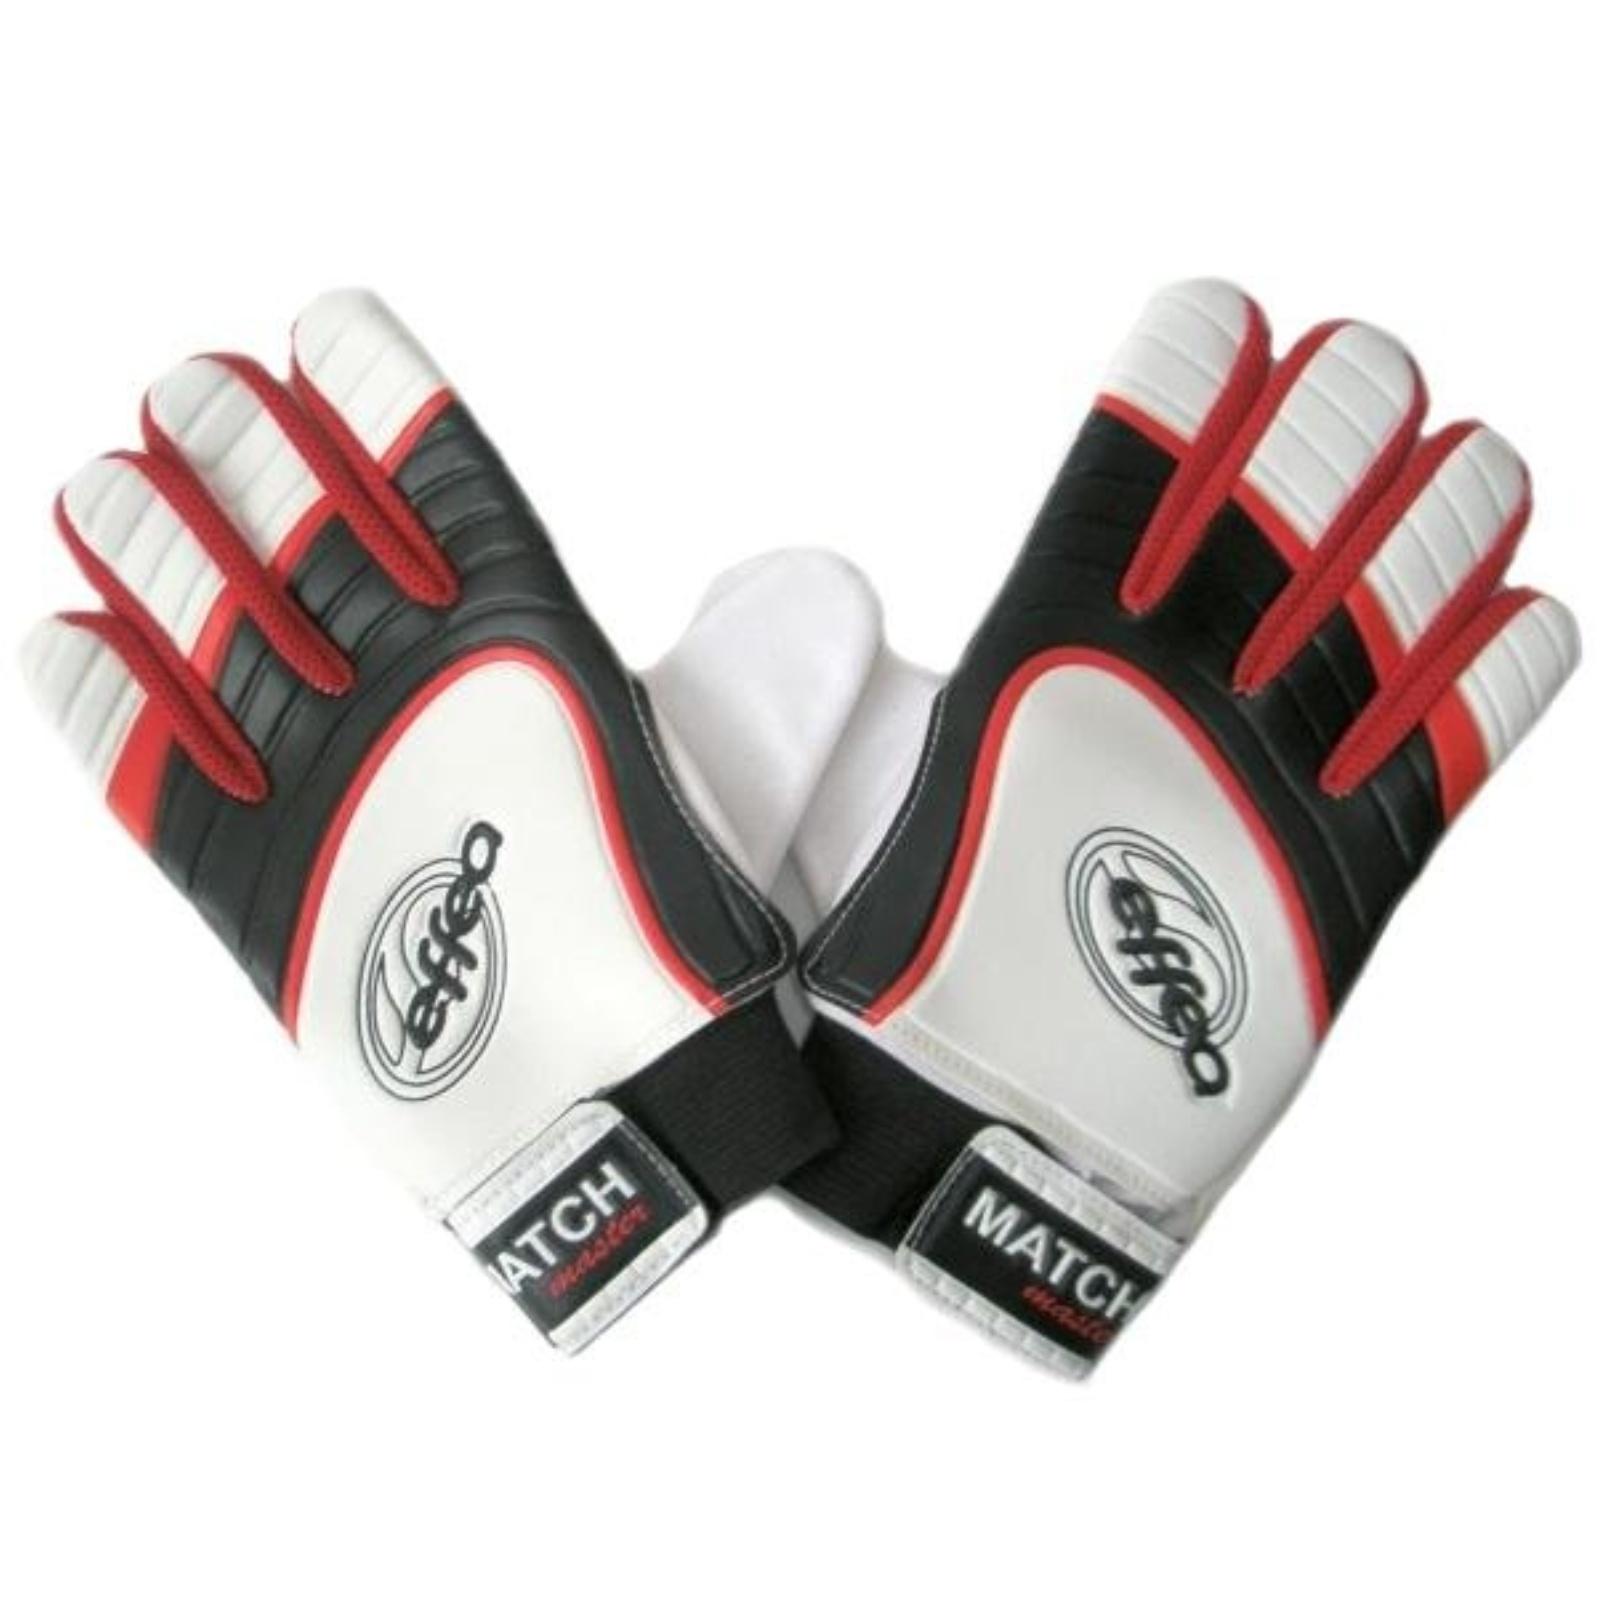 Futbalové rukavice EFFEA 6019 detské - vel. 4